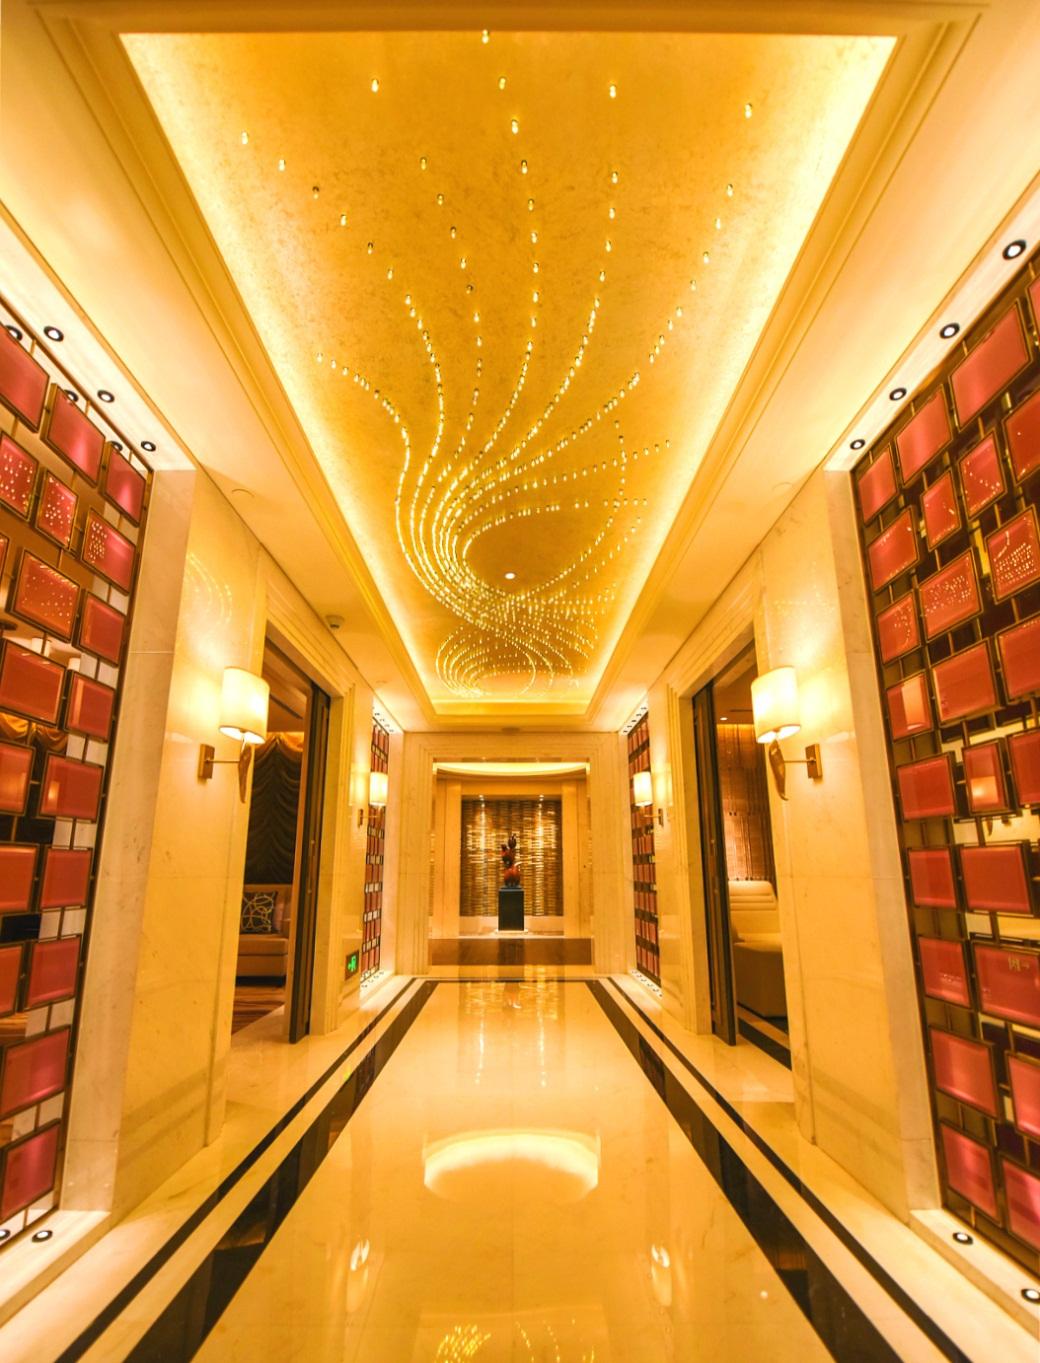 宝丽嘉酒店亚洲首秀,上海新添意式美学酒店经典